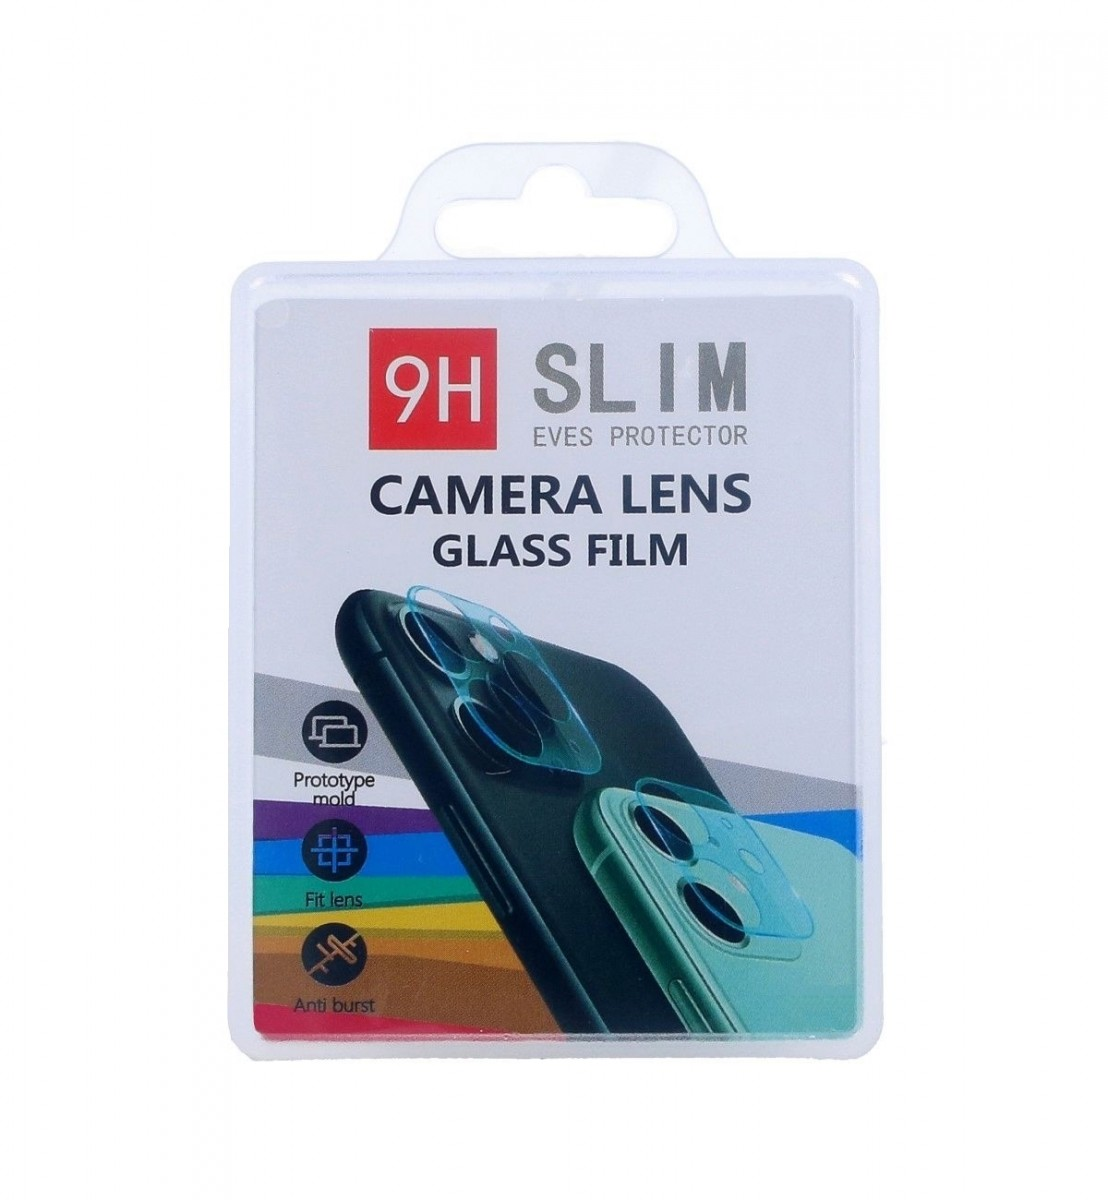 Tvrzené sklo TopQ na zadní fotoaparát Samsung A52 57514 (ochranné sklo na zadní čočku fotoaparátu Samsung A52)